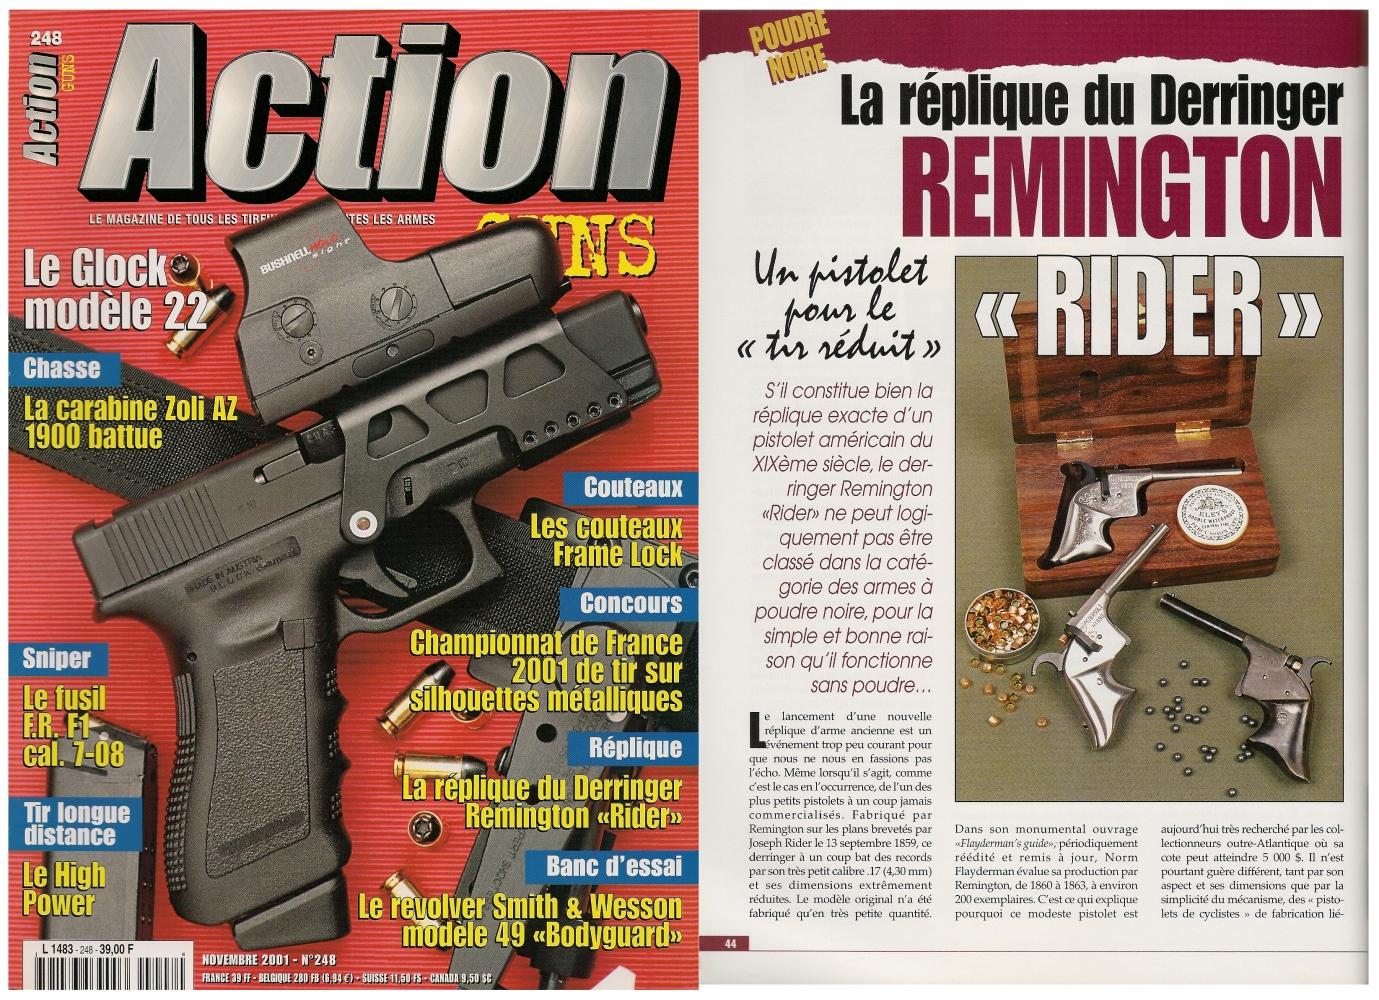 Le banc d'essai de la réplique du derringer Remington Rider a été publié sur 4 pages dans le magazine Action Guns n°248 (novembre 2001).